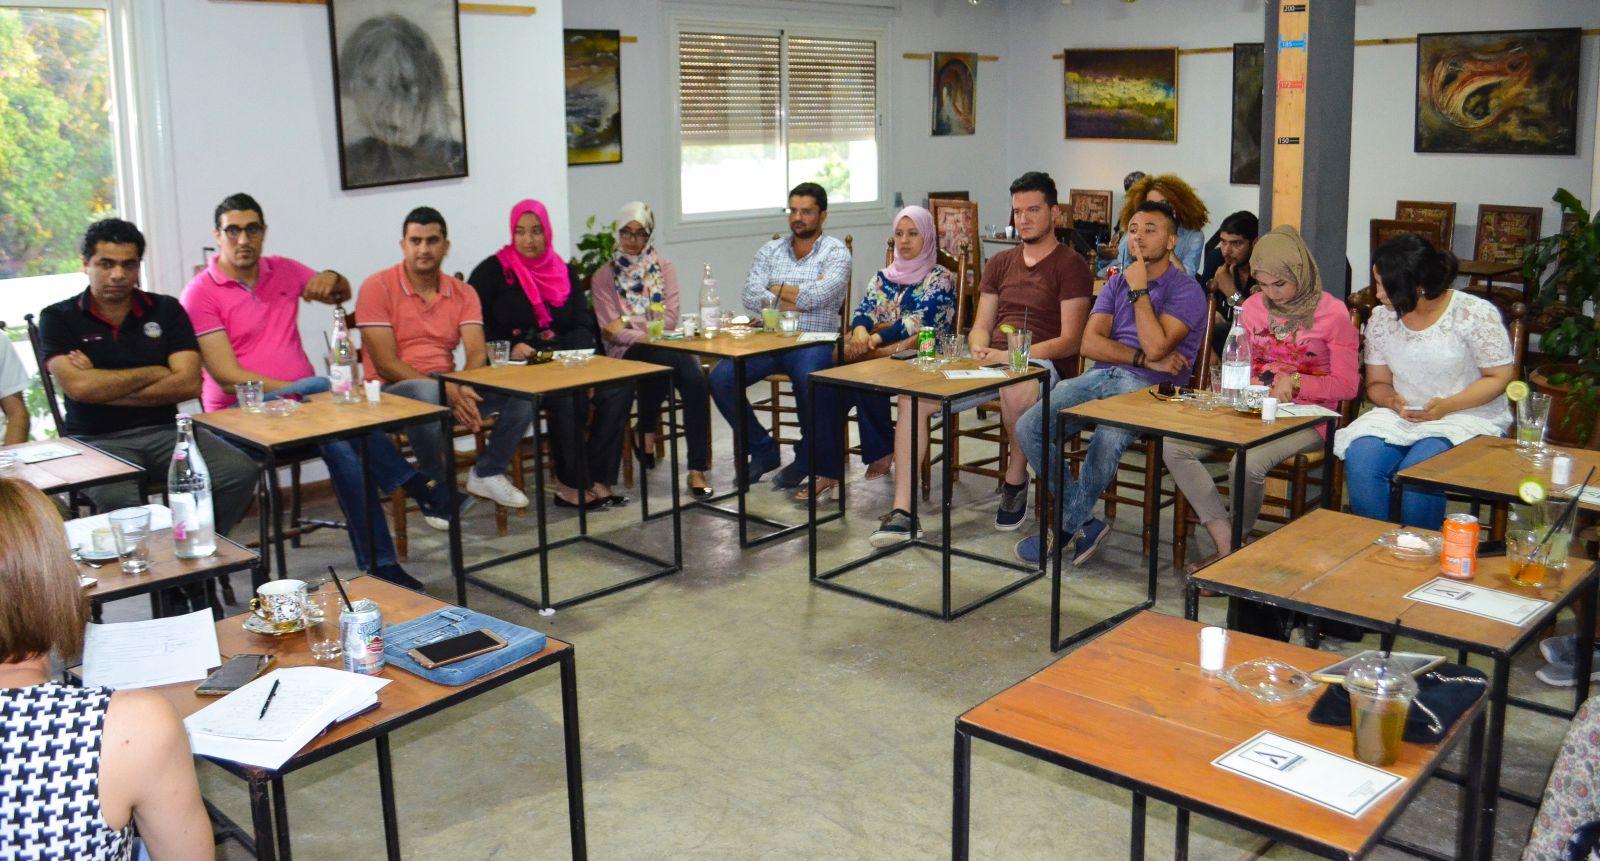 Maison des arts Sousse, Sousse